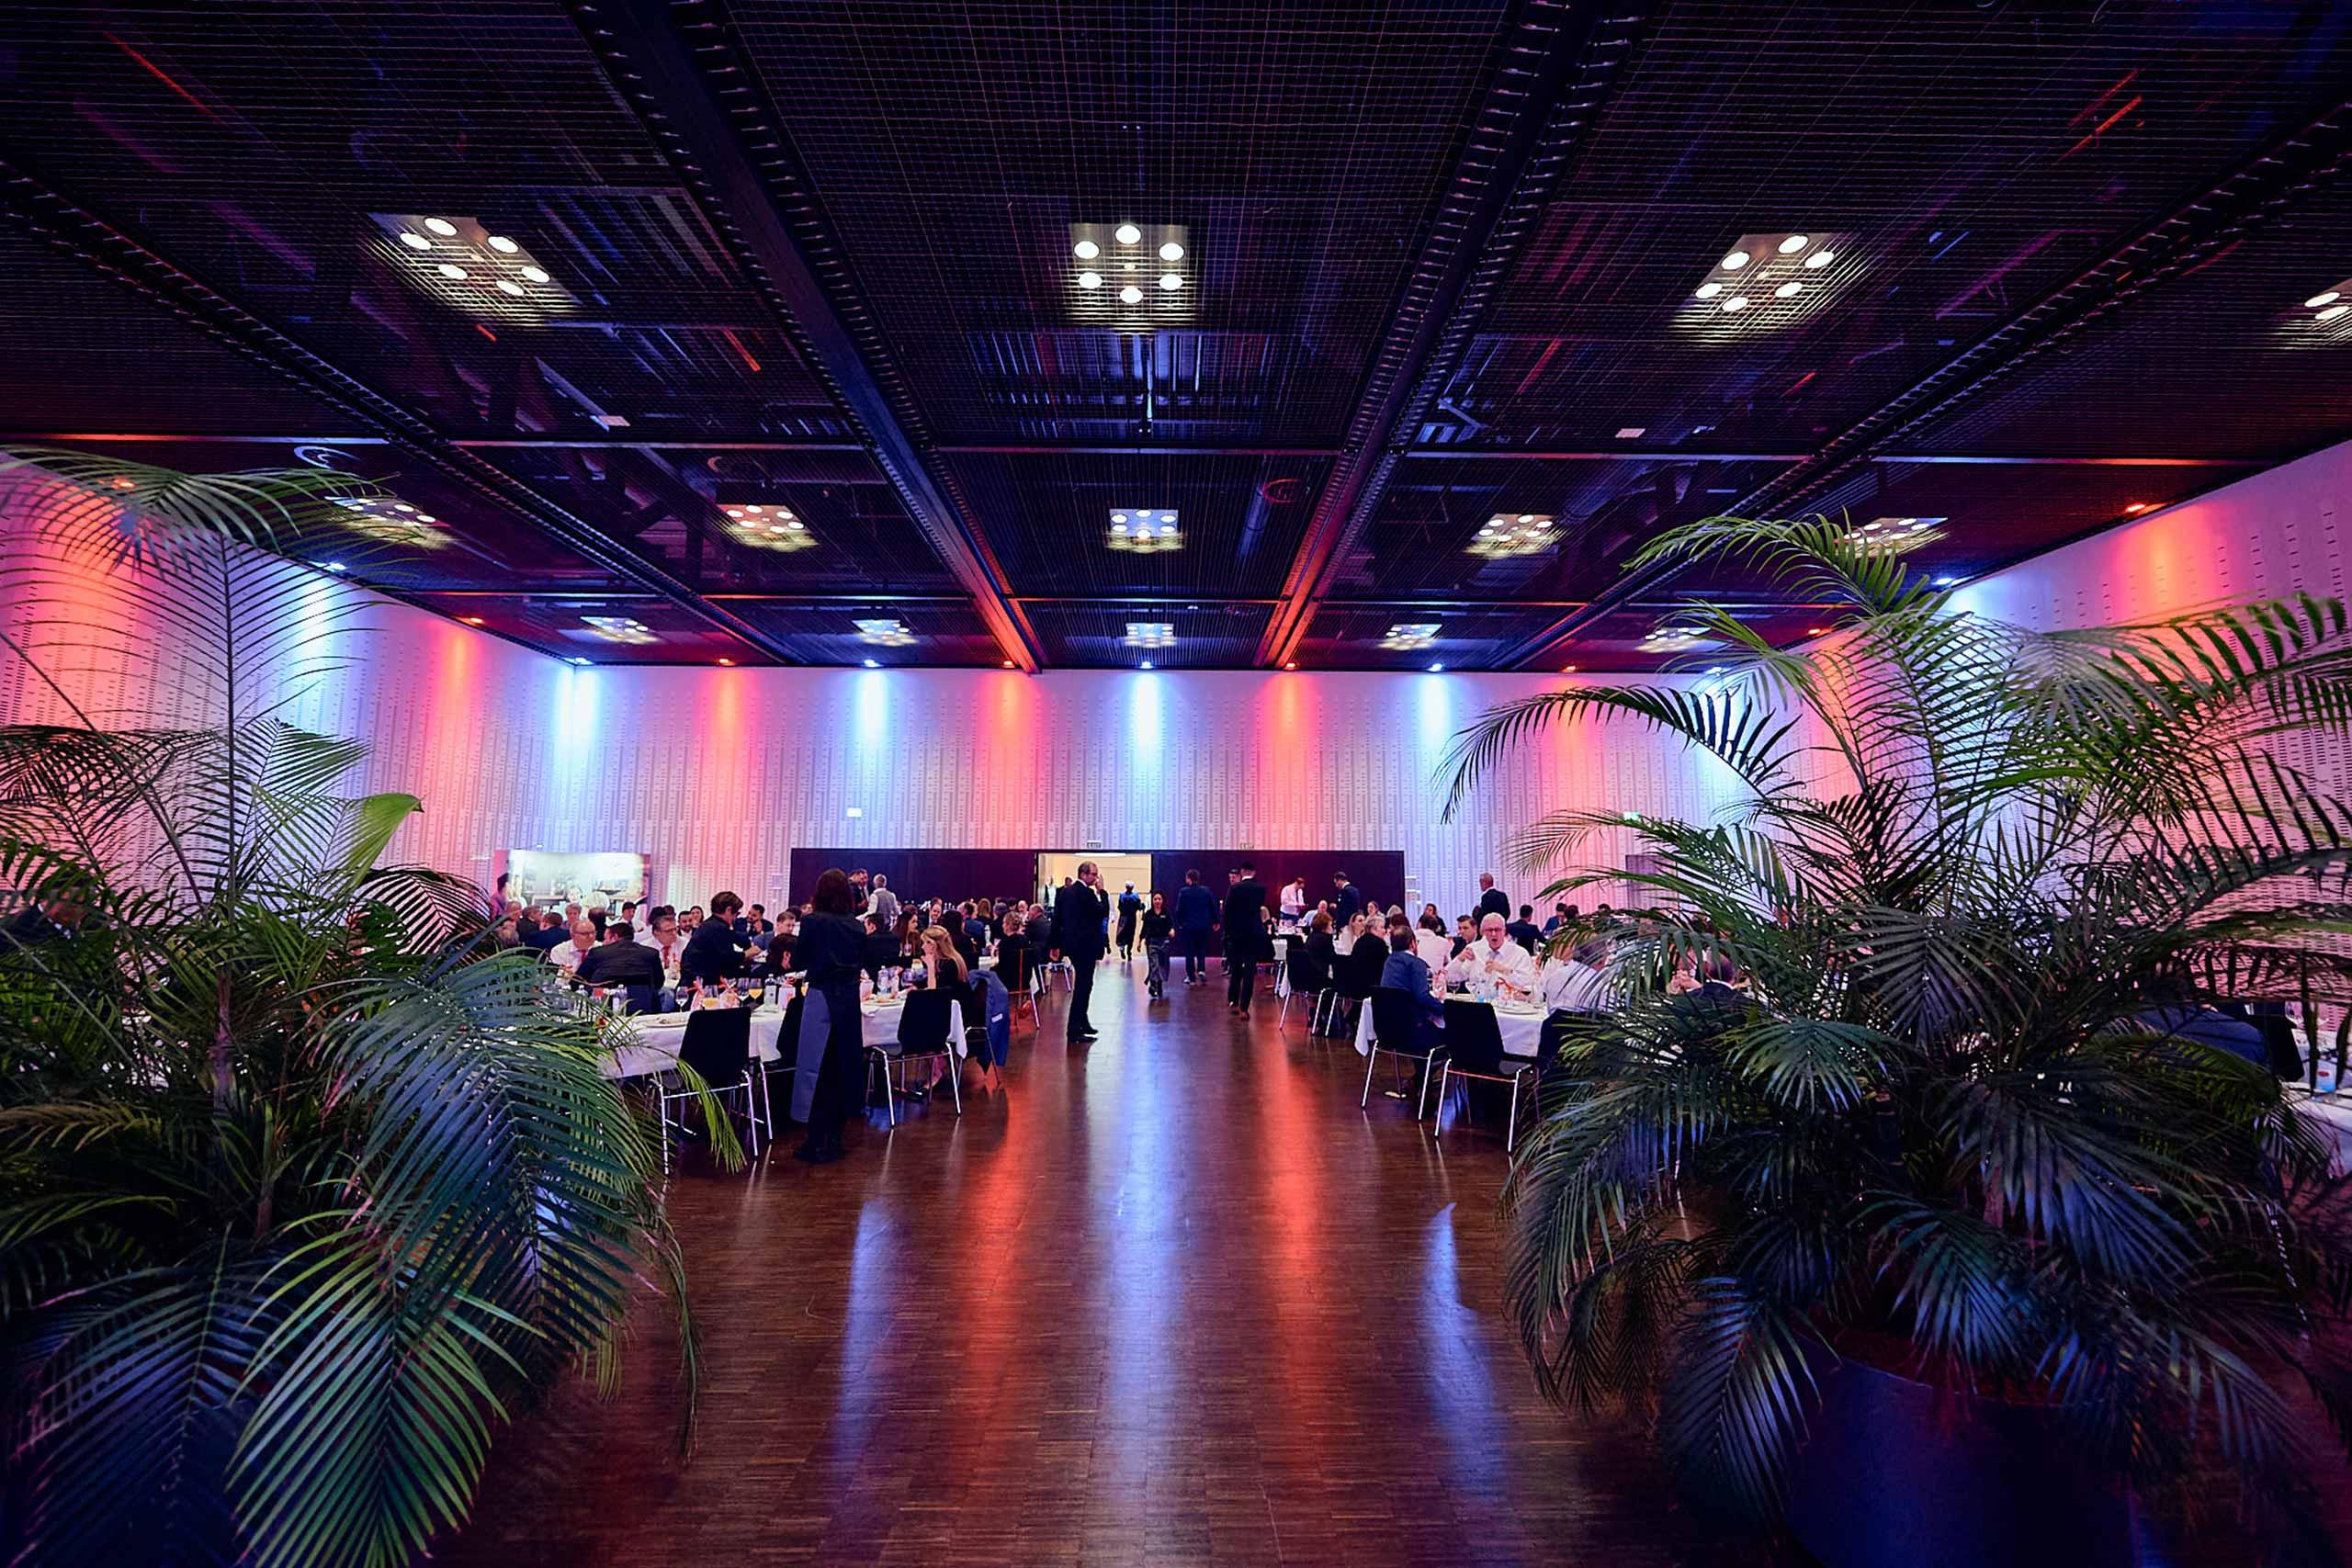 kkthun-lachensaal-beleuchtung-tische-pflanzen.jpg